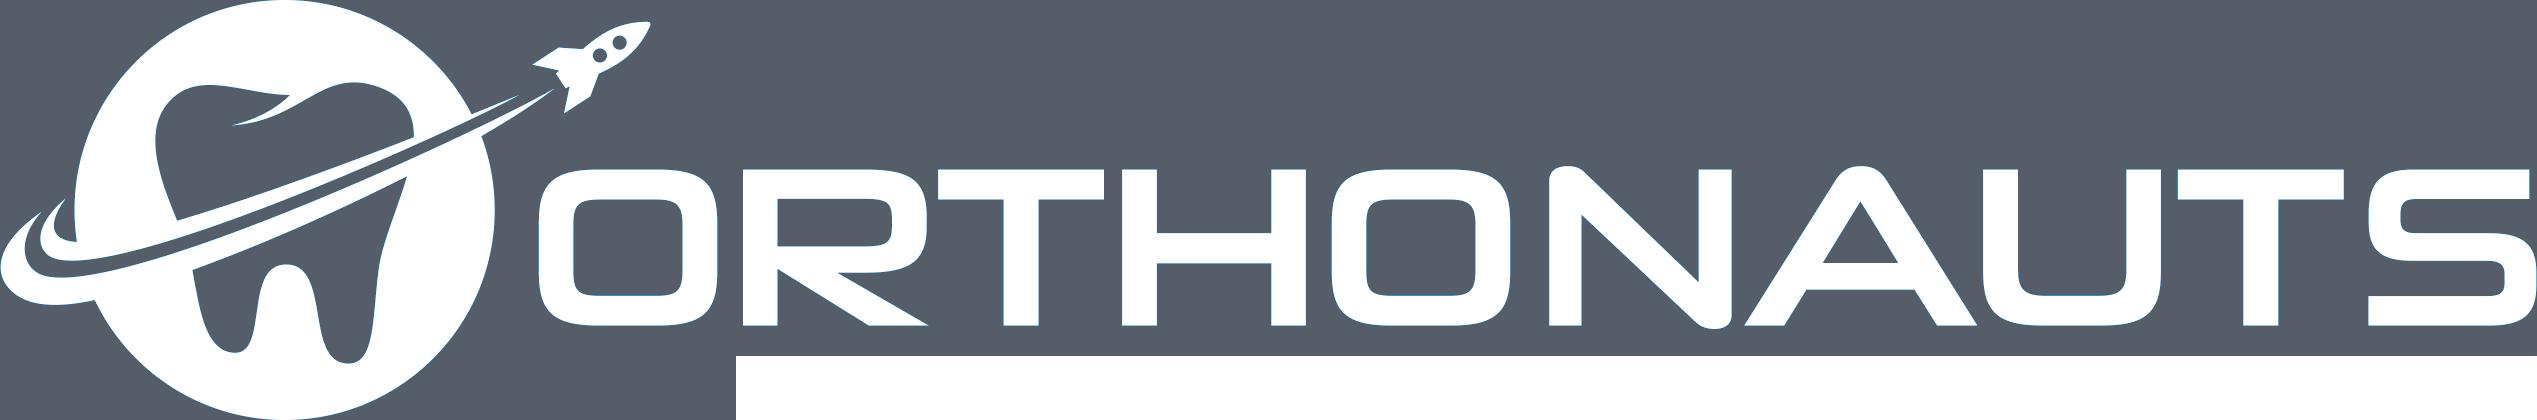 LogoOrthonauts5cropped.png